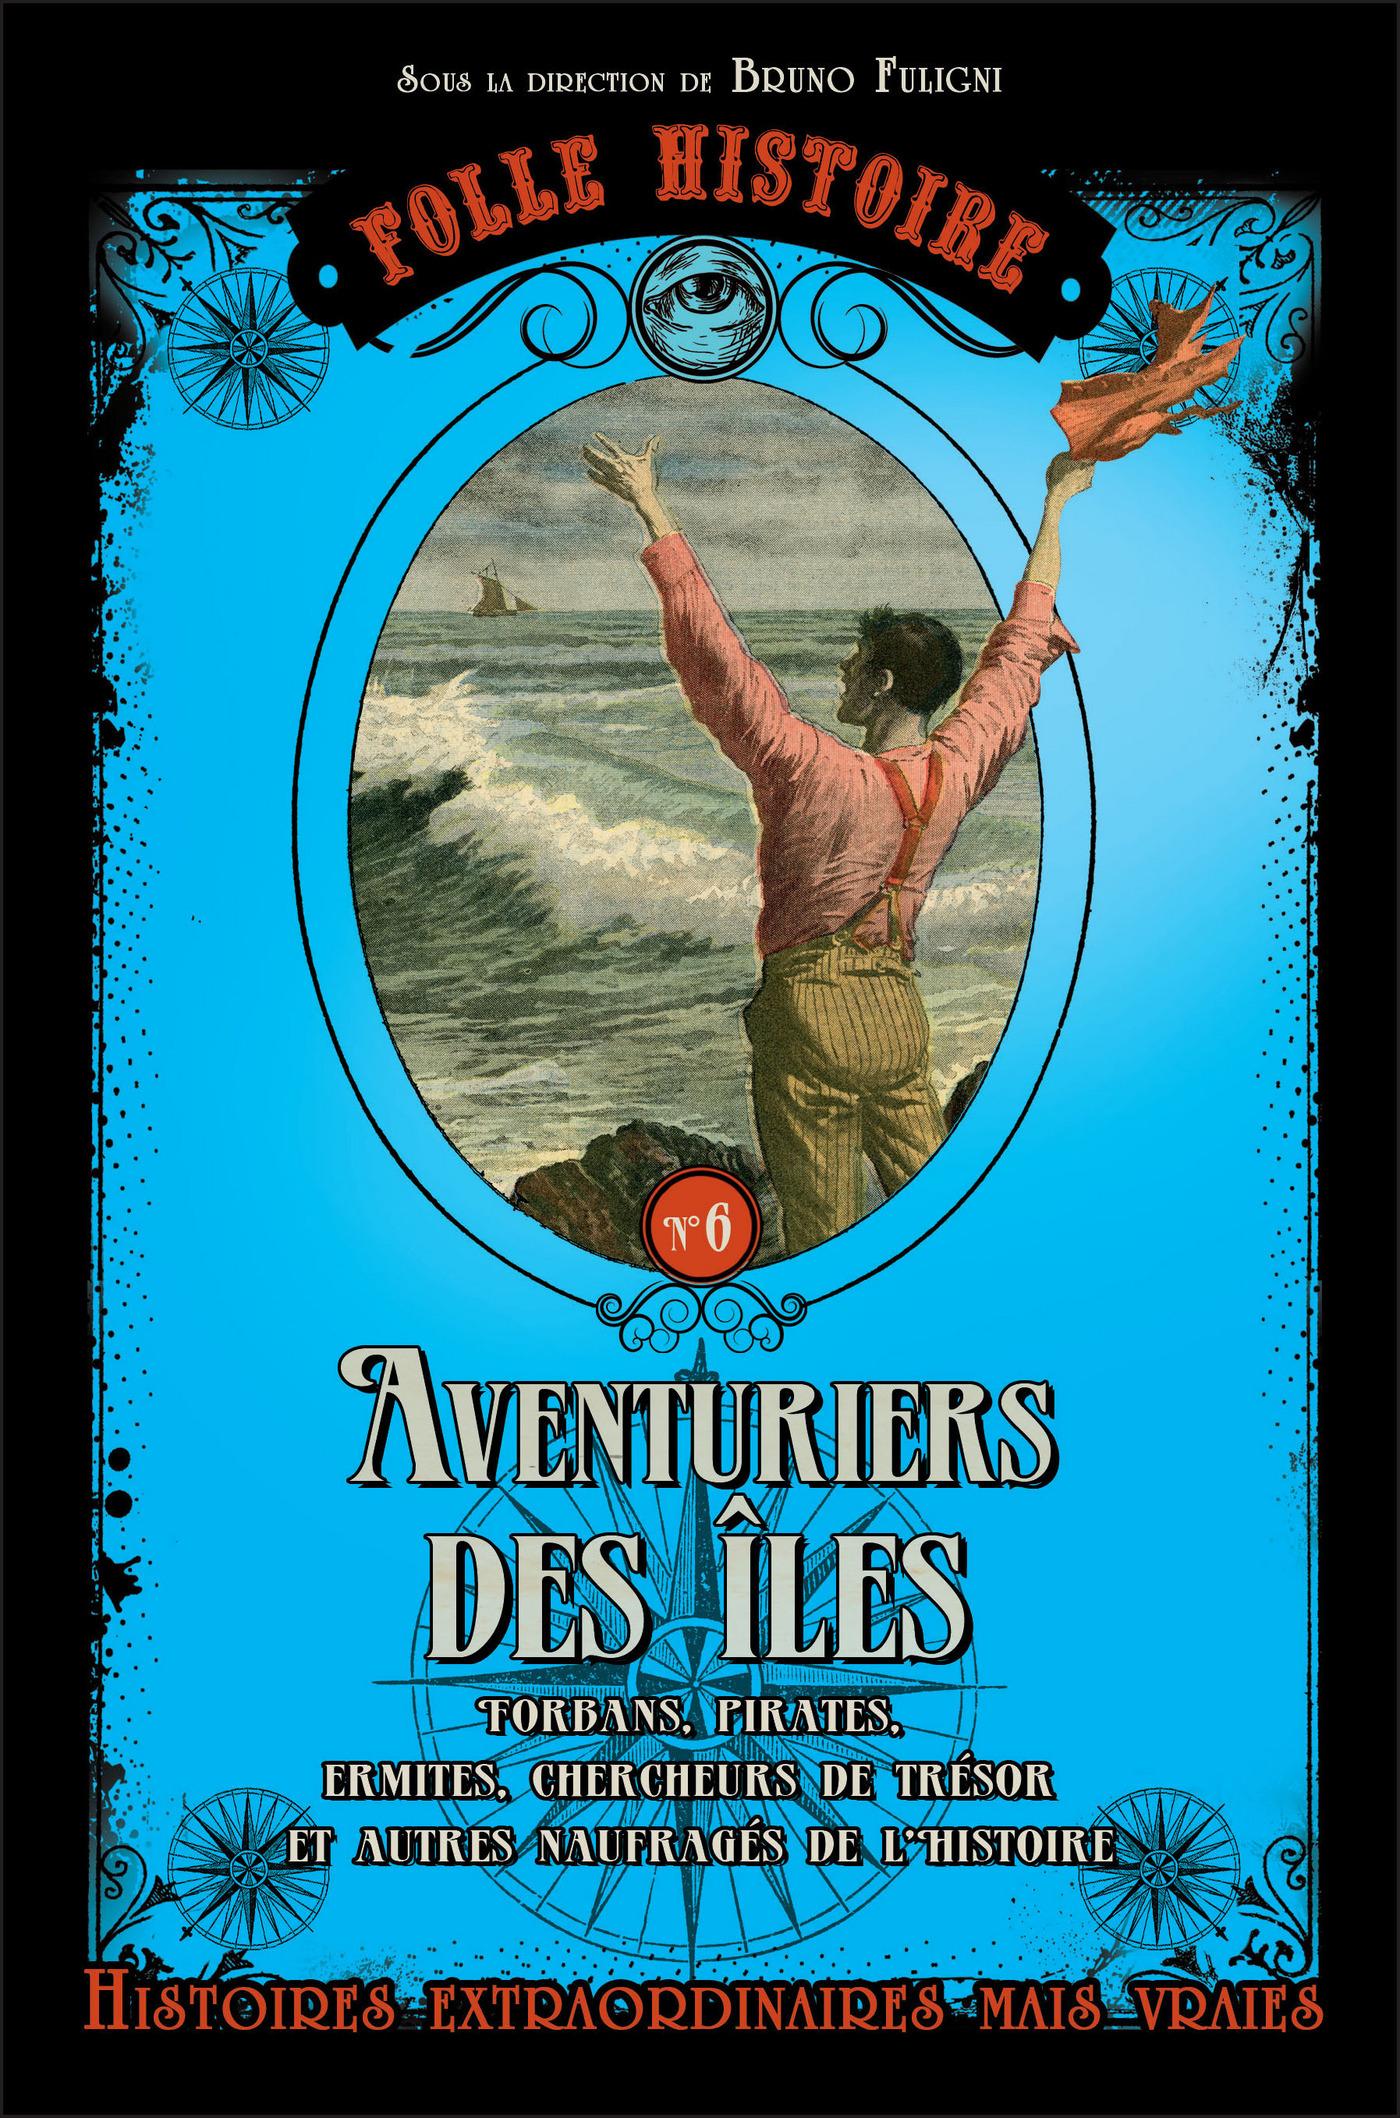 Folle Histoire - Les aventuriers (ebook)